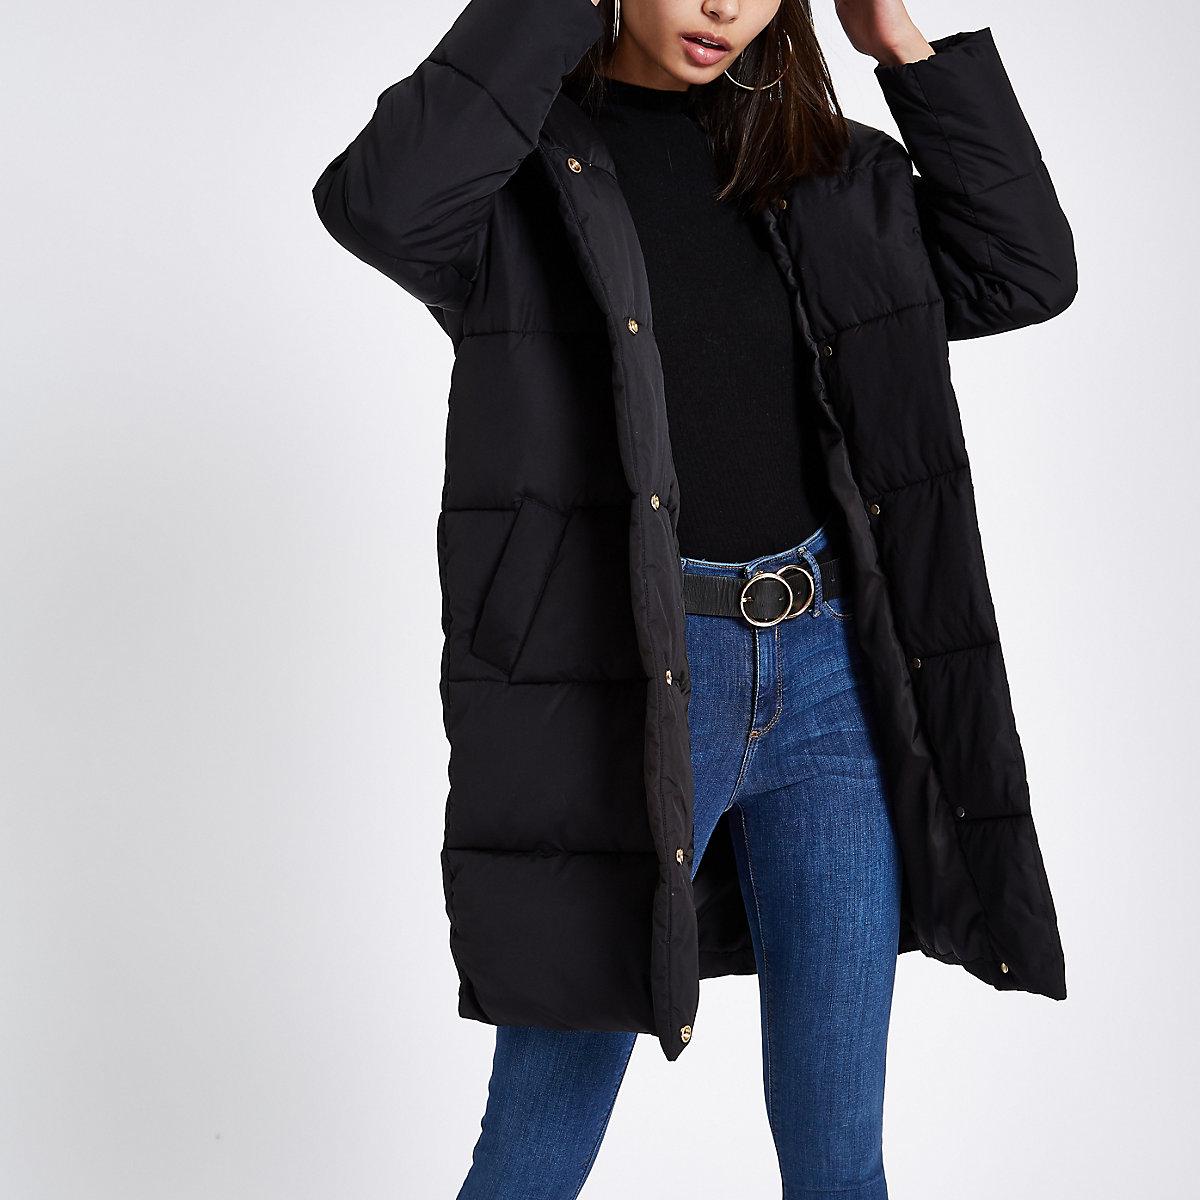 Black asymmetric longline puffer jacket